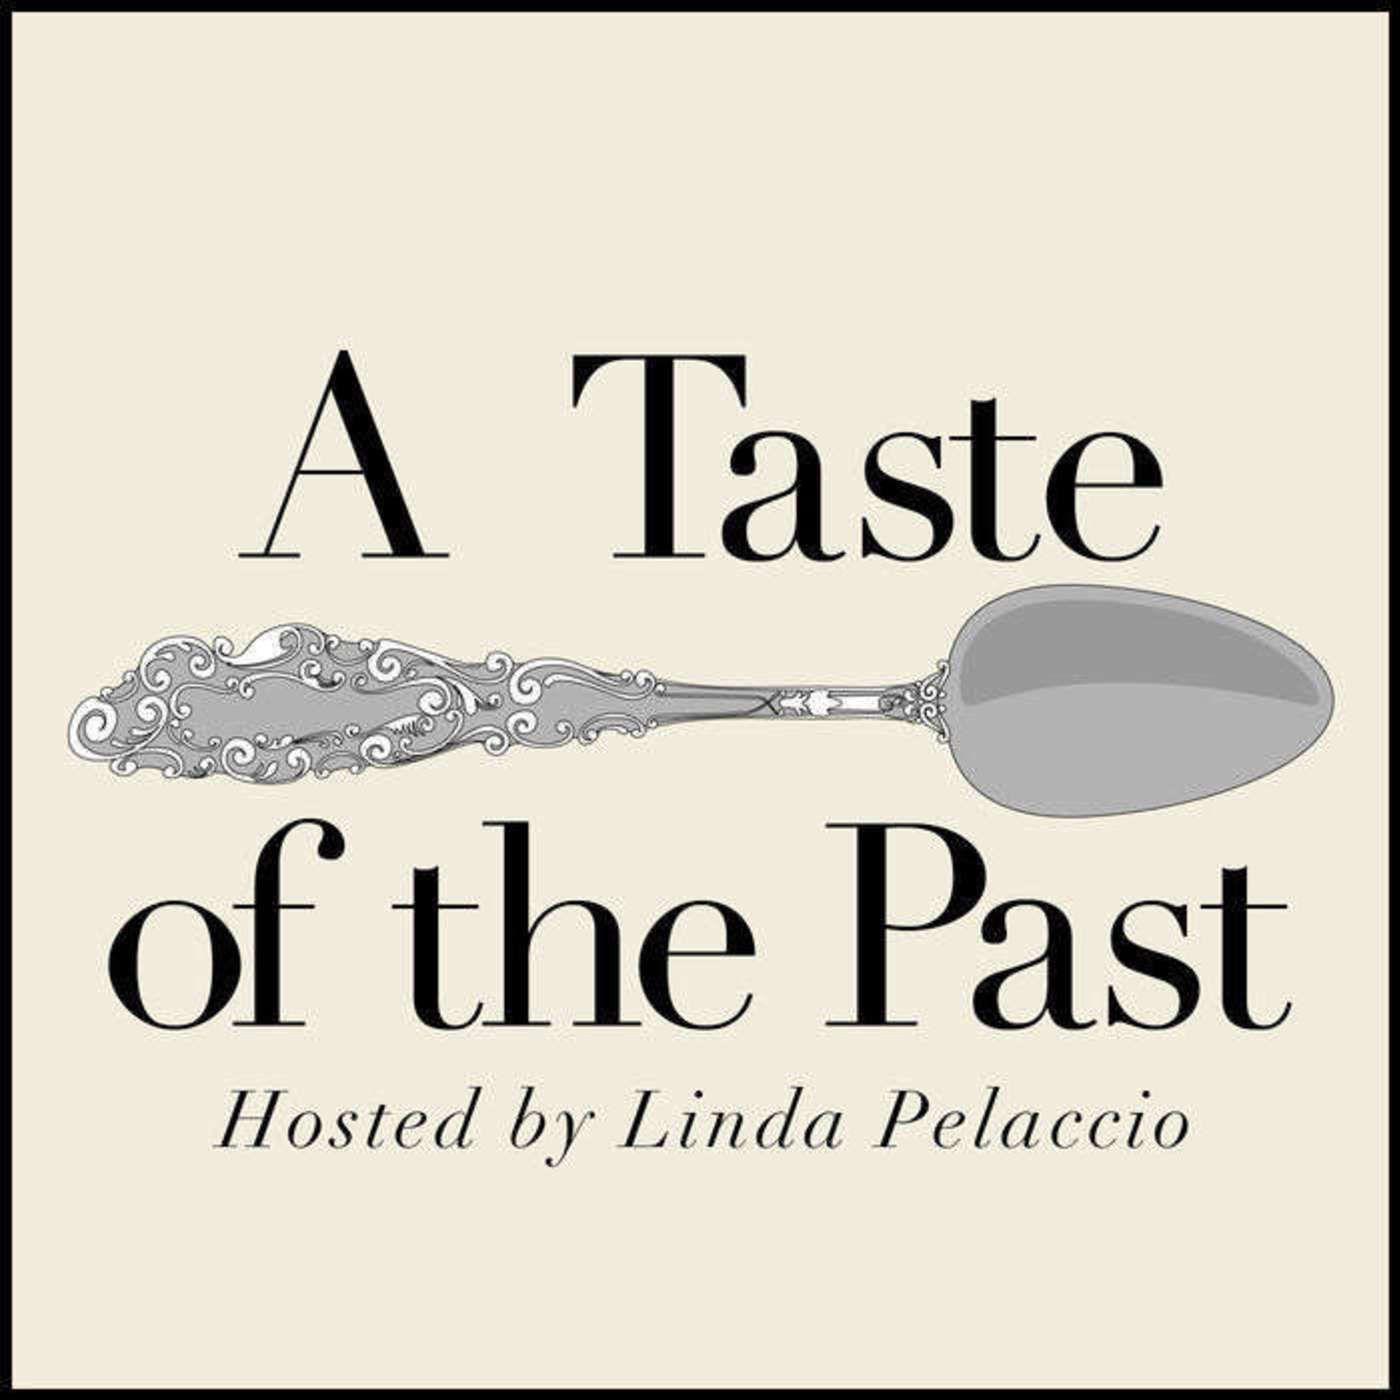 Episode 207: Cuban Cuisine